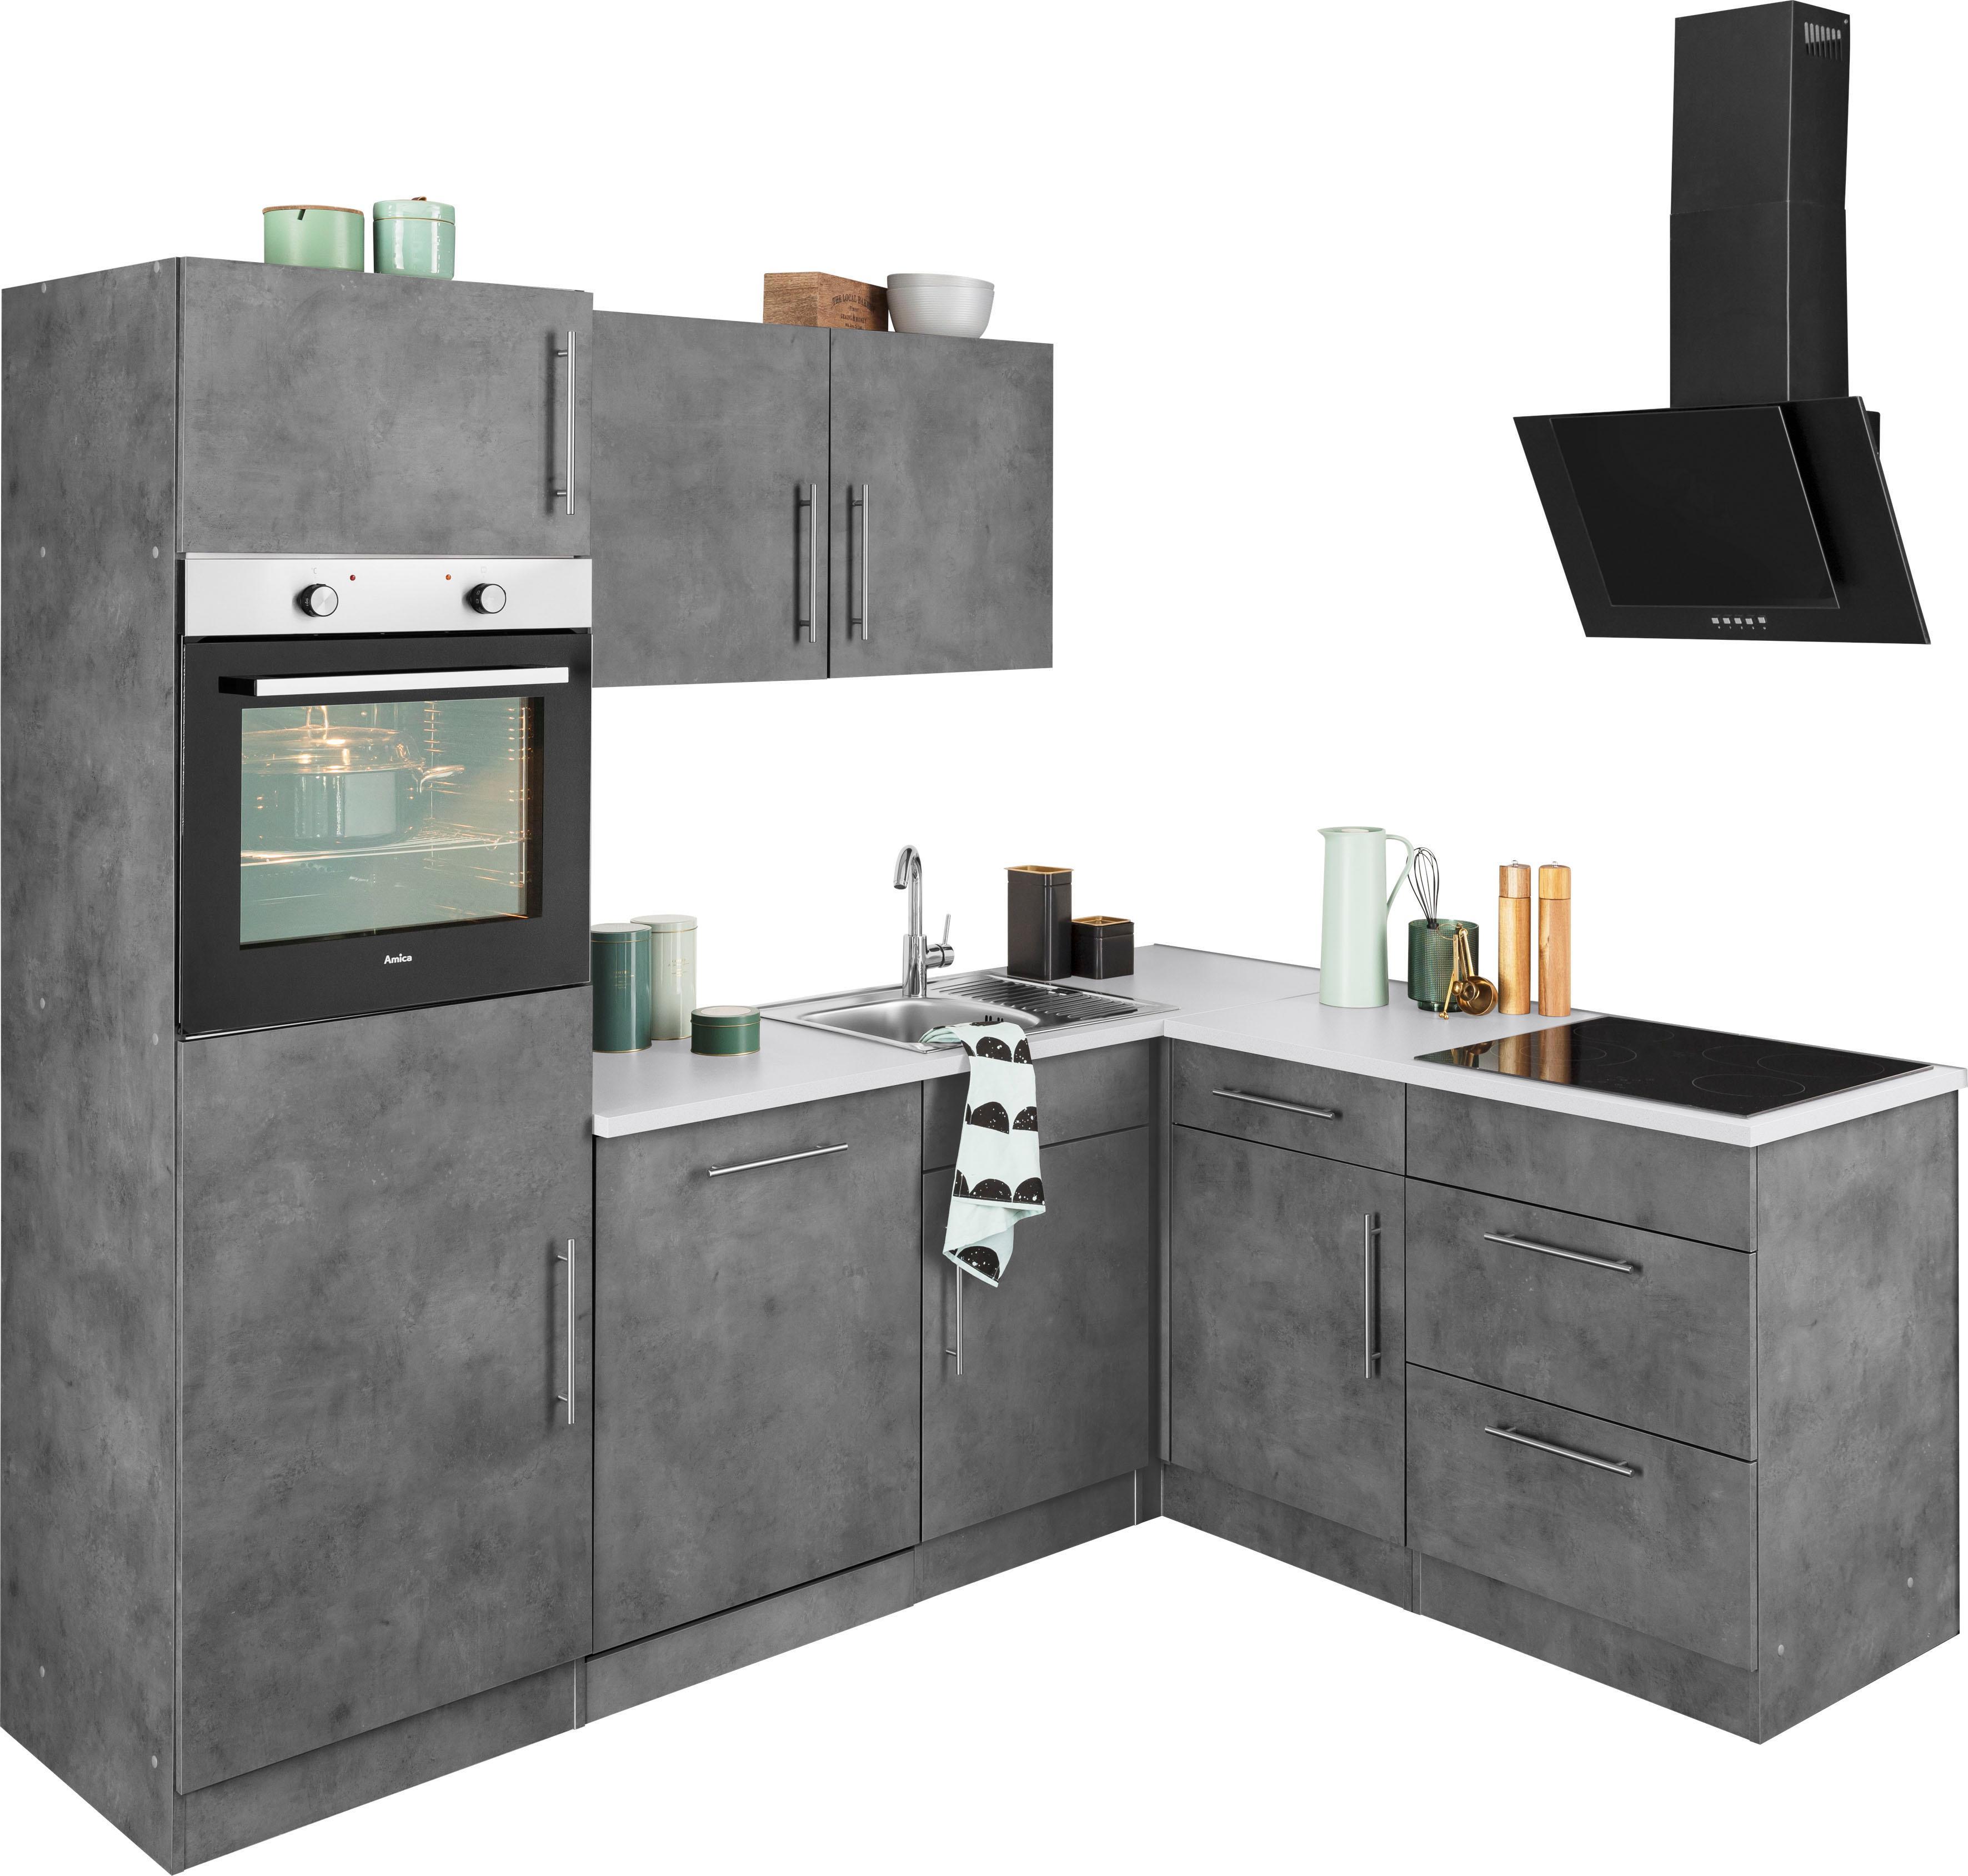 wiho Küchen Winkelküche Cali ohne E-Geräte Stellbreite 230 x 170 cm